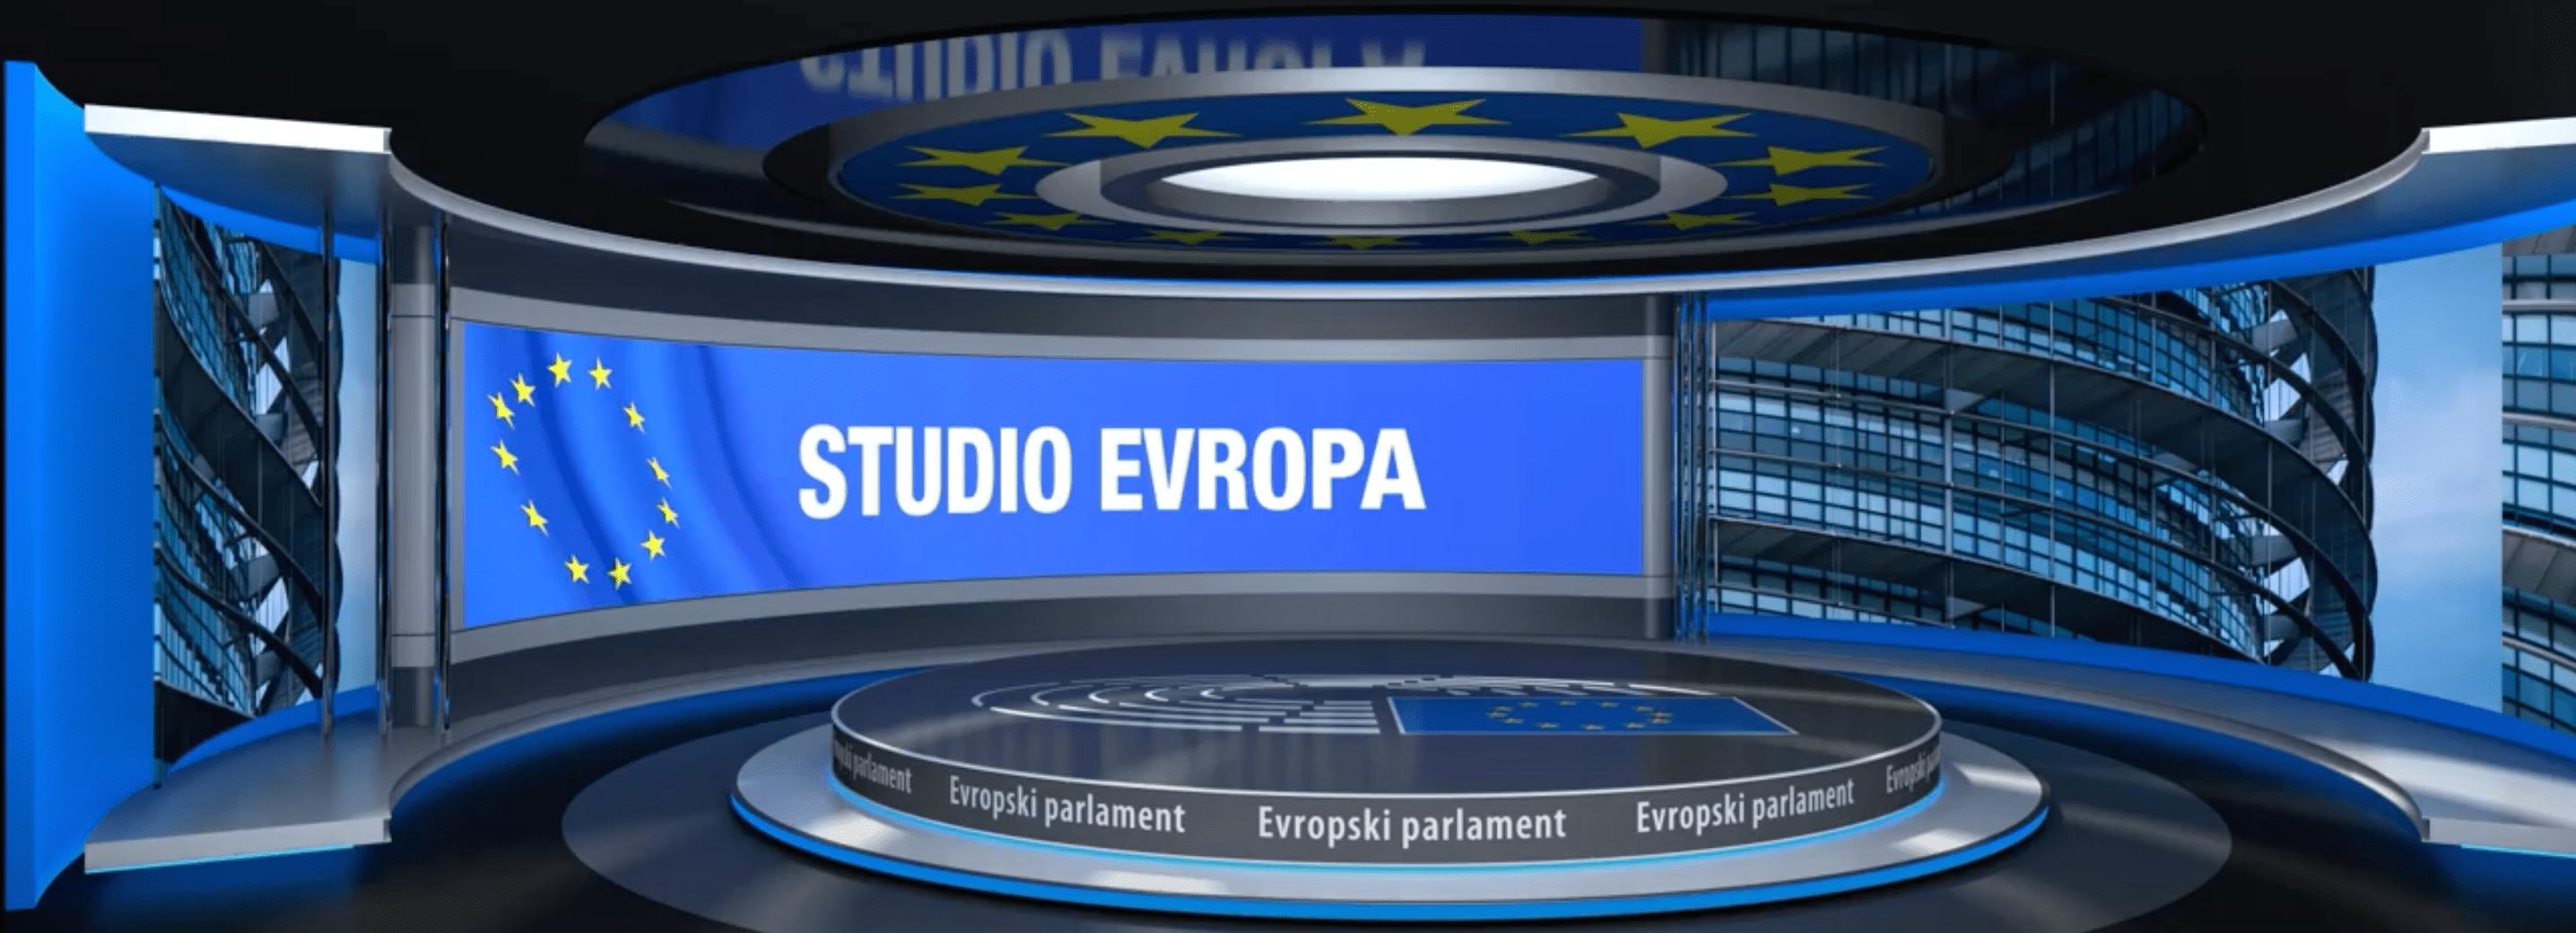 Studio Evropa. Vir: Evropski parlament